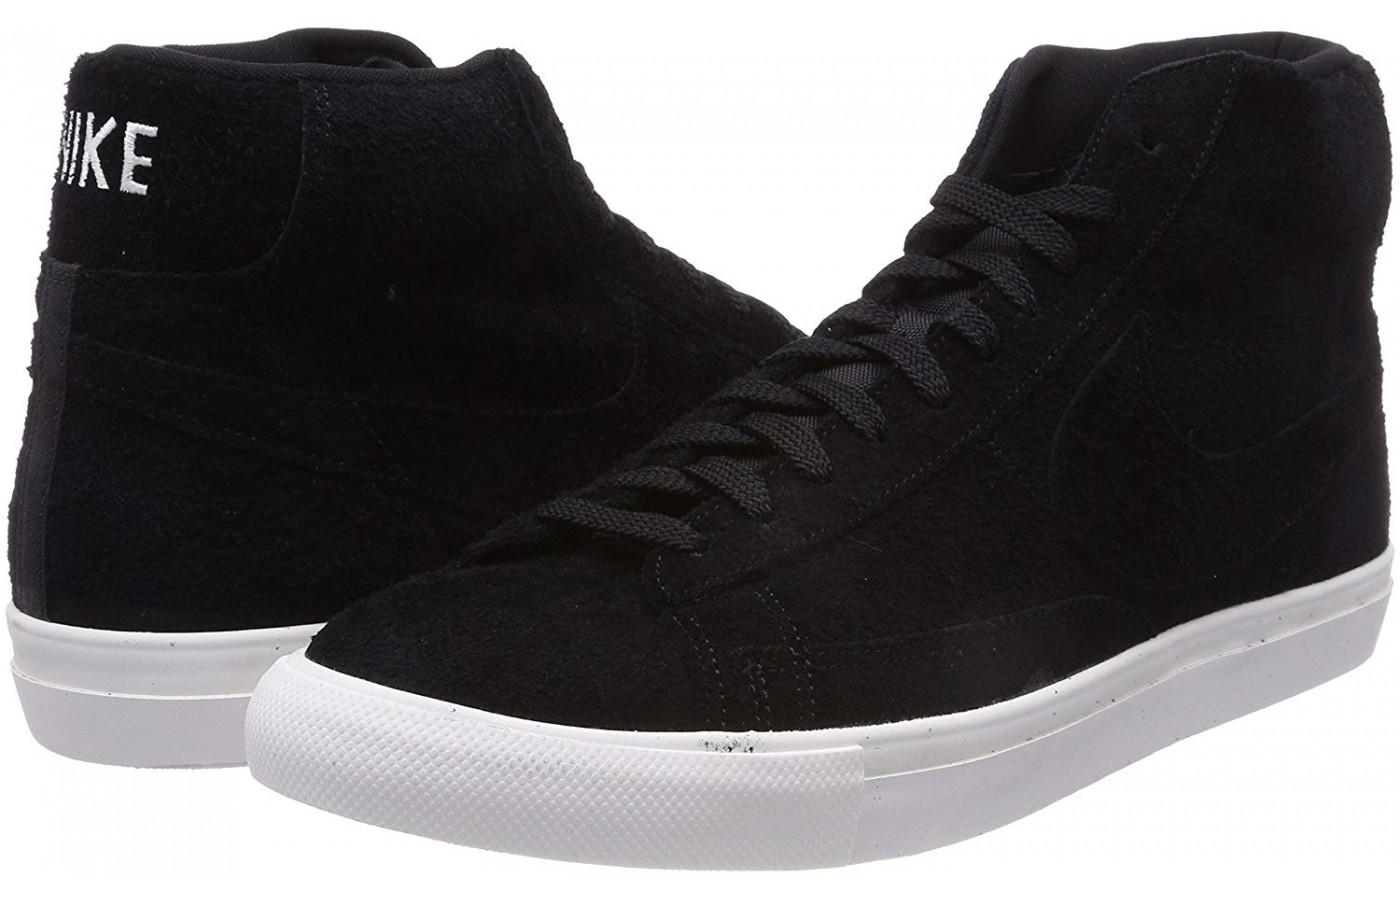 Nike Blazer Mid Pair